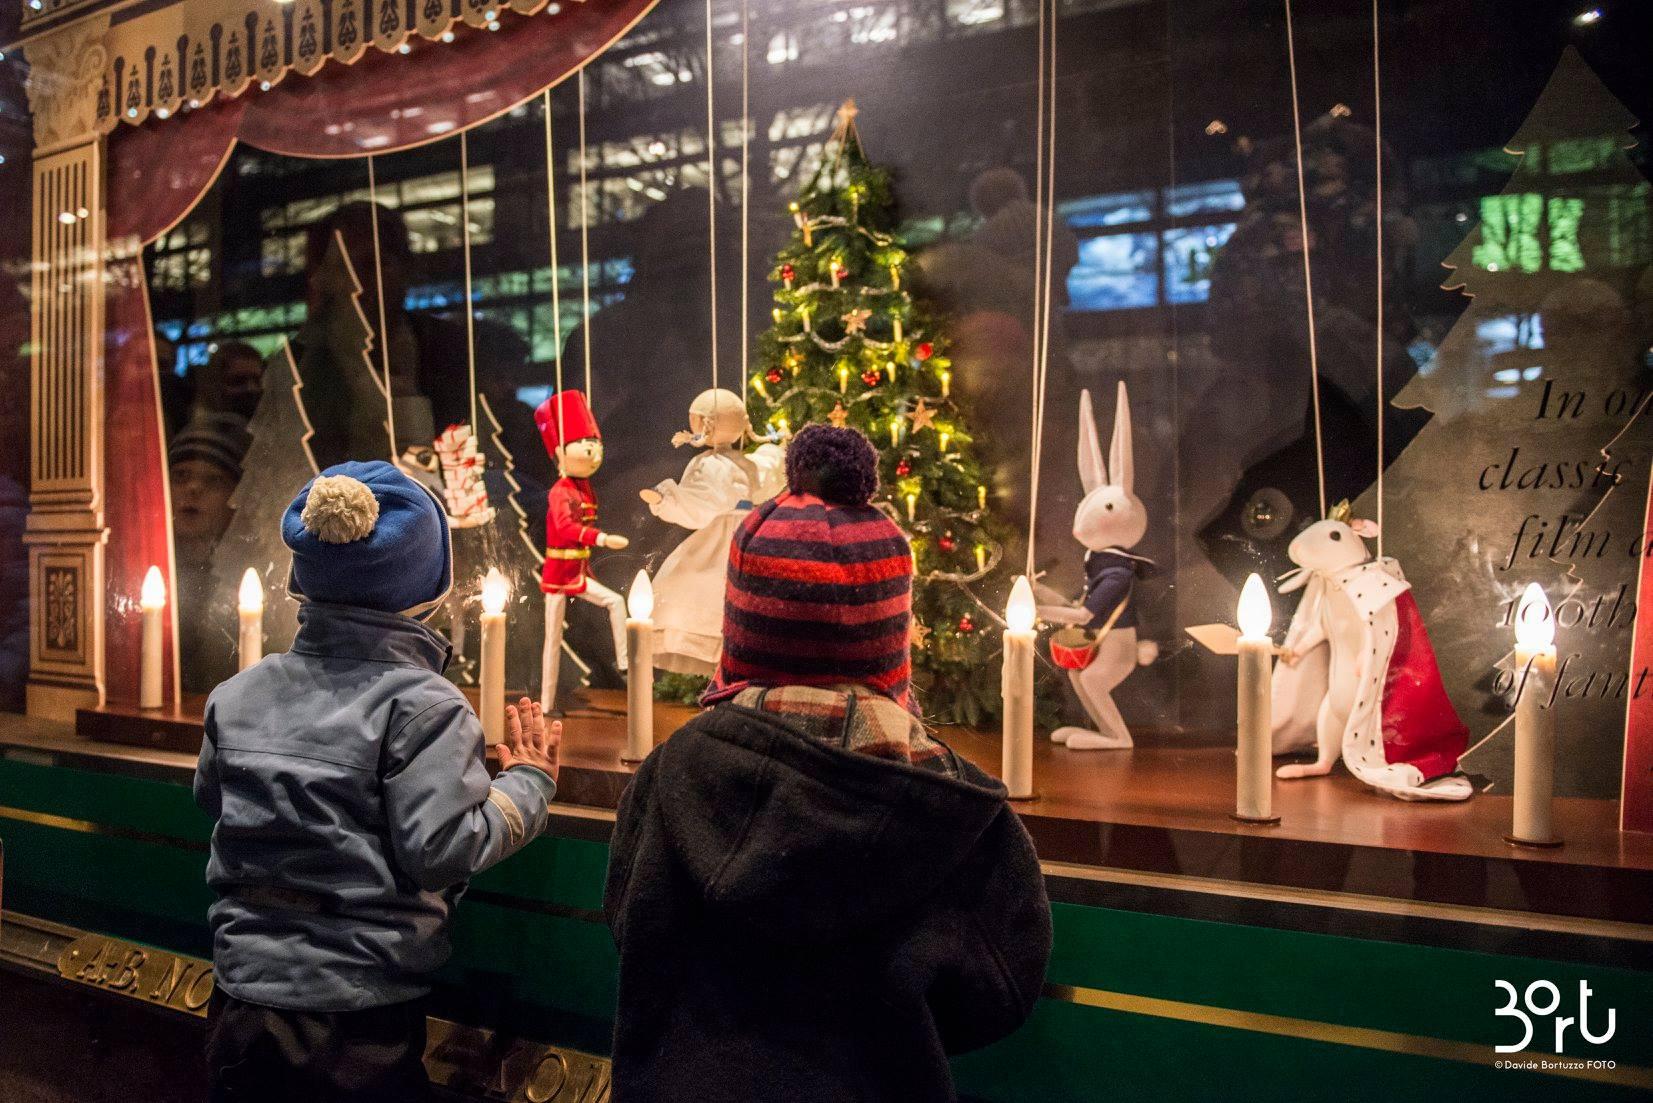 Natale a Stoccolma: le vetrine di Natale di NK